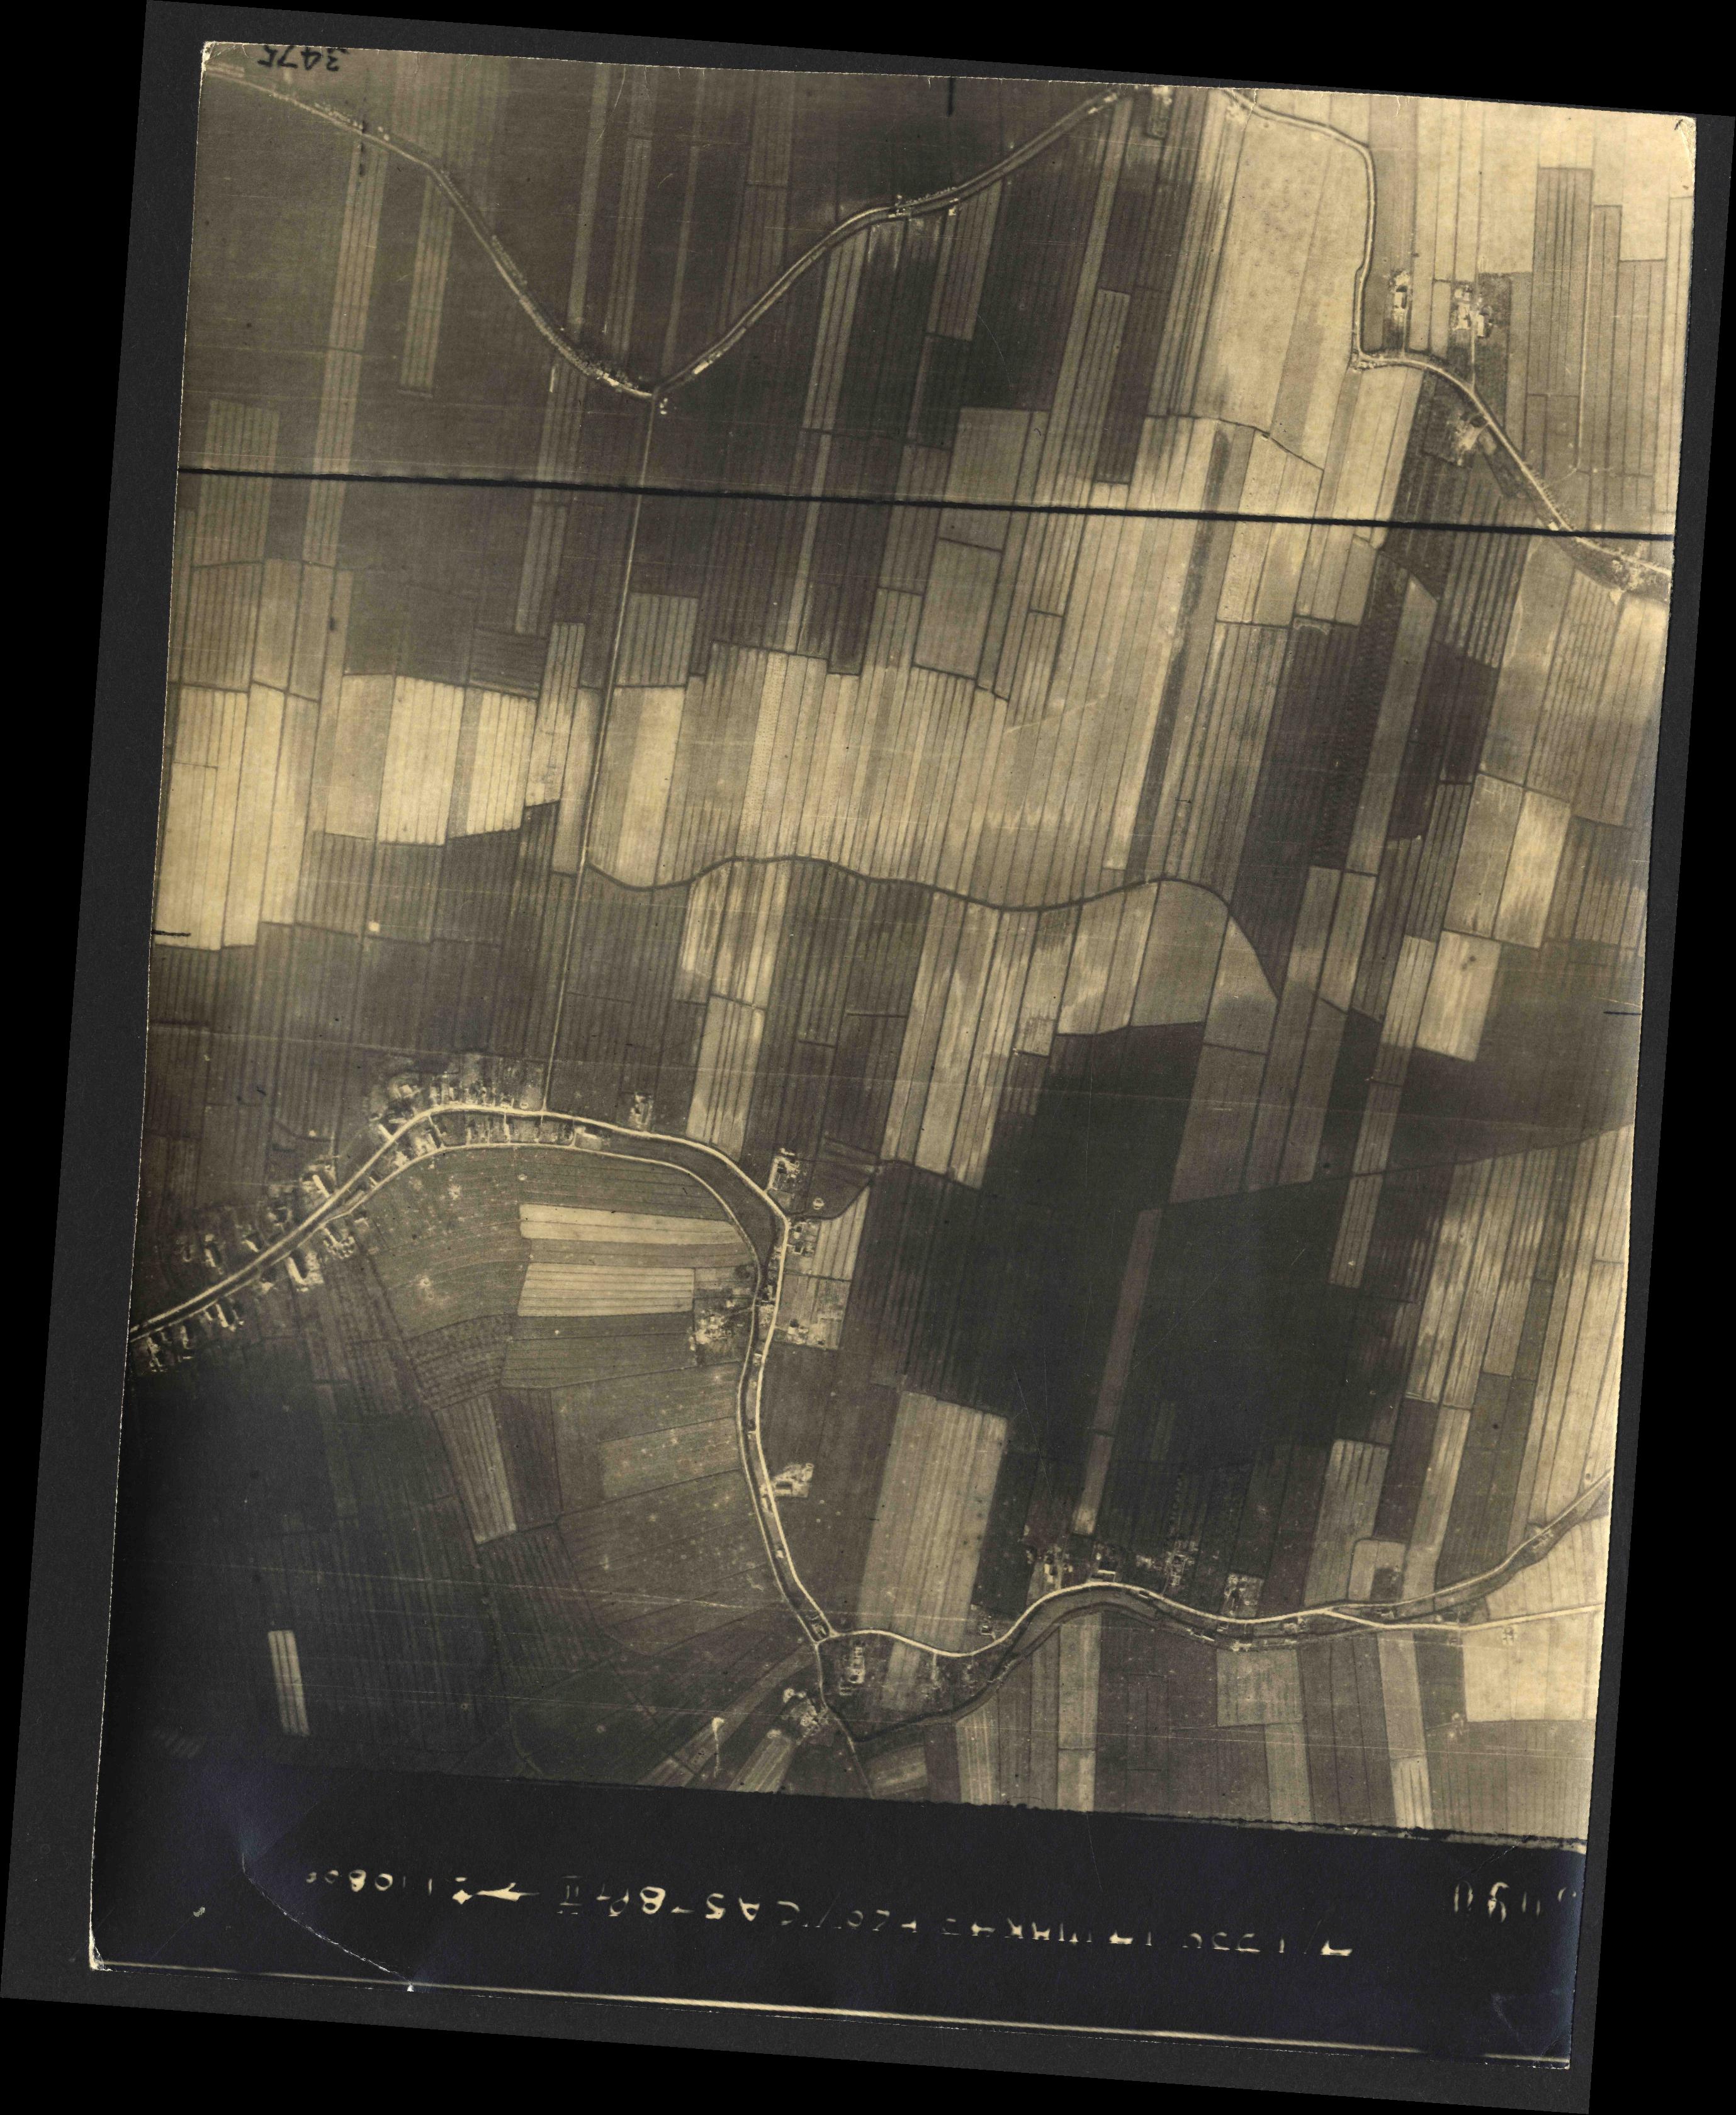 Collection RAF aerial photos 1940-1945 - flight 010, run 07, photo 3090